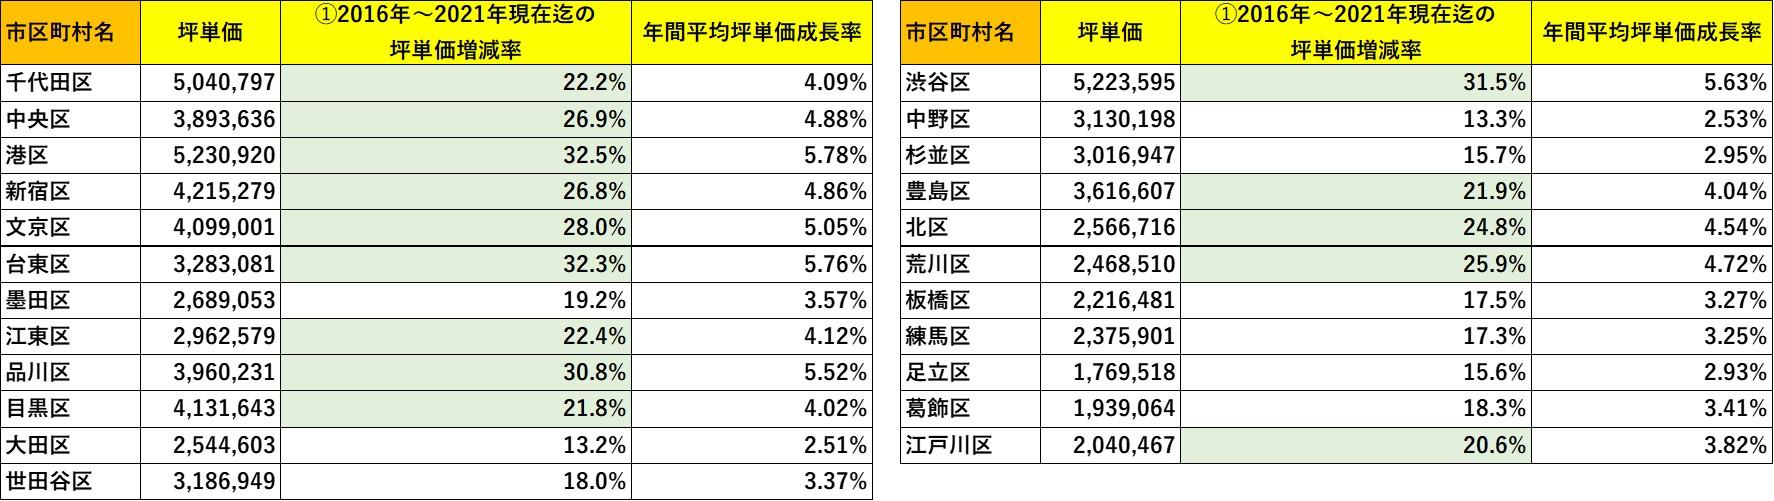 実需用マンション坪単価と価年間平均坪単価成長率の関係  ※マンションリサーチ株式会社調べ